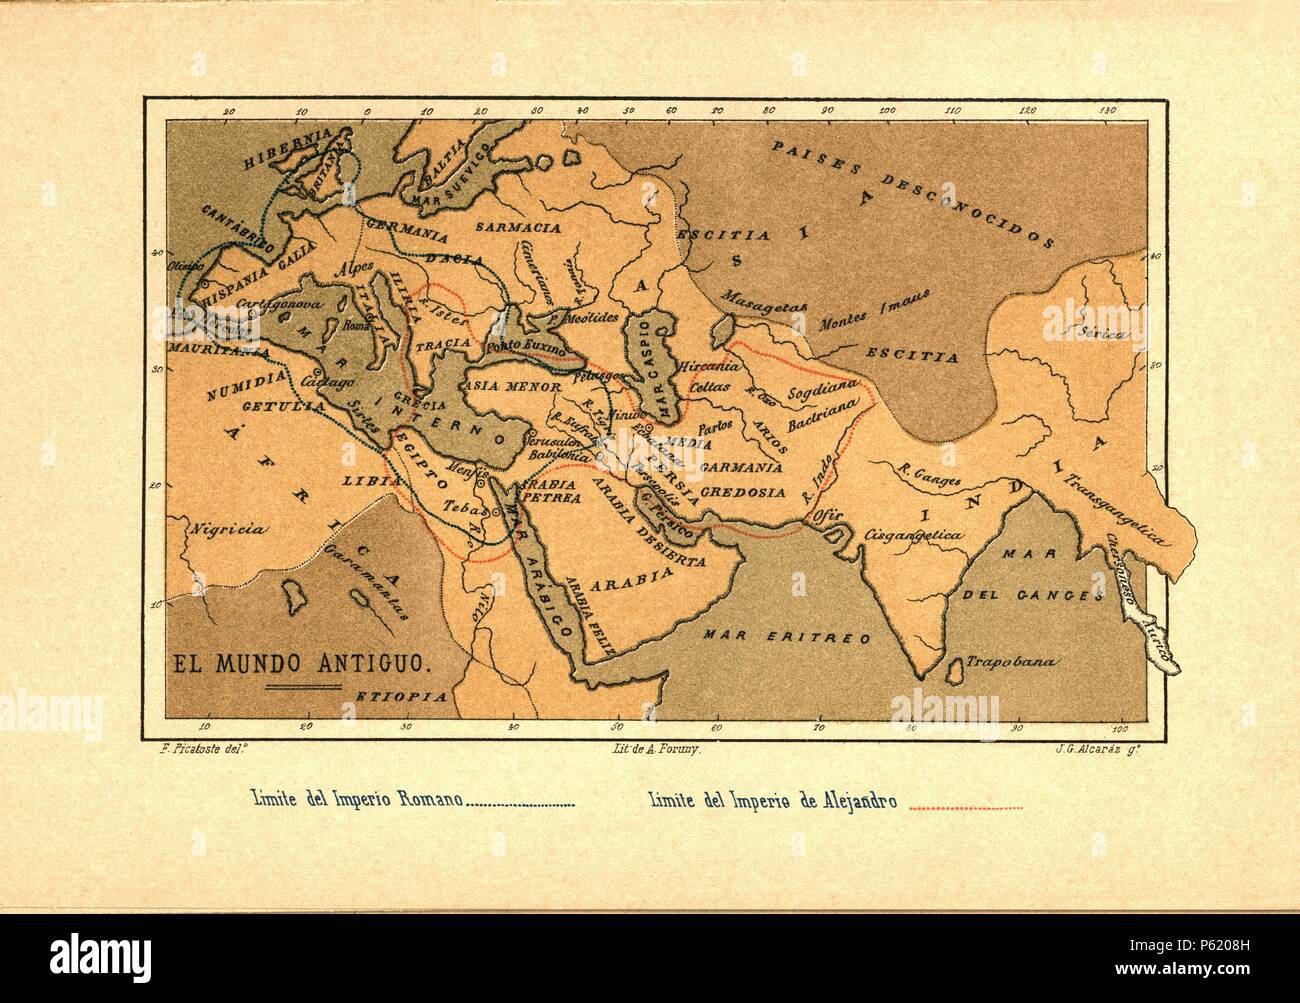 Mapa del Mundo Antiguo publicado en el libro Historia Universal, de Felipe Picatoste. Madrid, 1890. - Stock Image